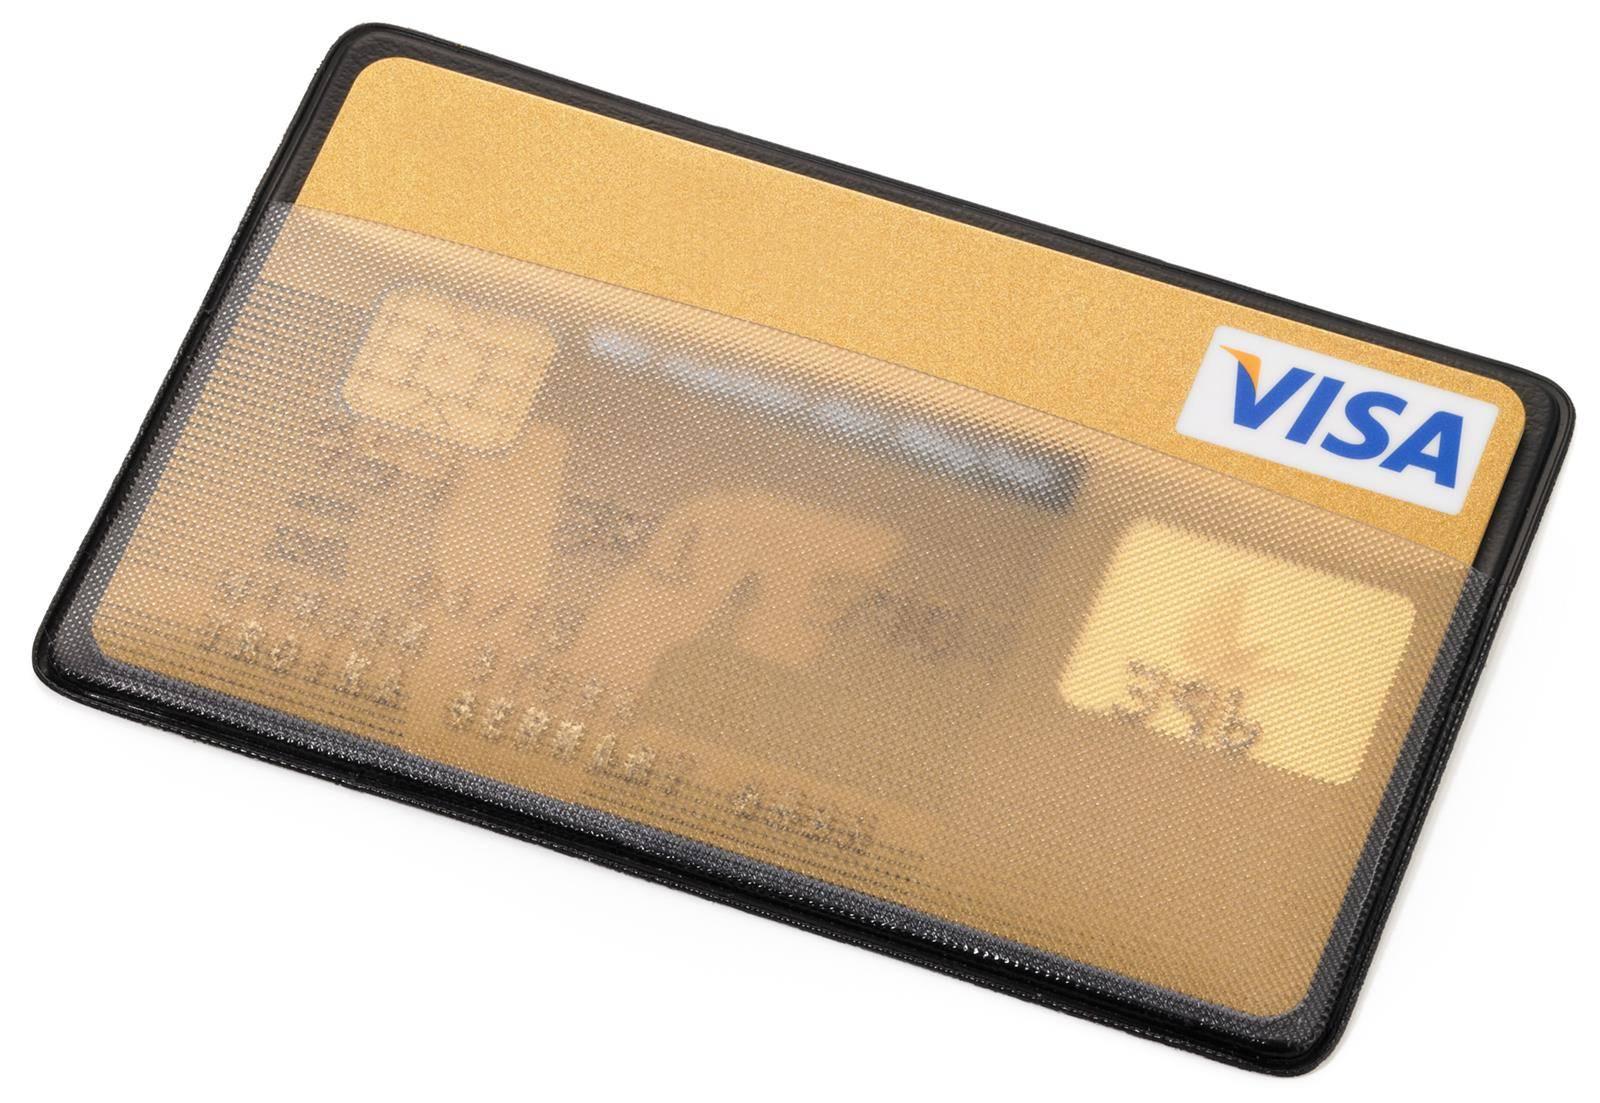 e96dd1ac10395 Etui na karty zbliżeniowe z zabezpieczeniem RFID oraz NFC TROIKA CardSaver  Praktyczne etui na karty zbliżeniowe oraz dokumenty z zabezpieczeniem przez  ...